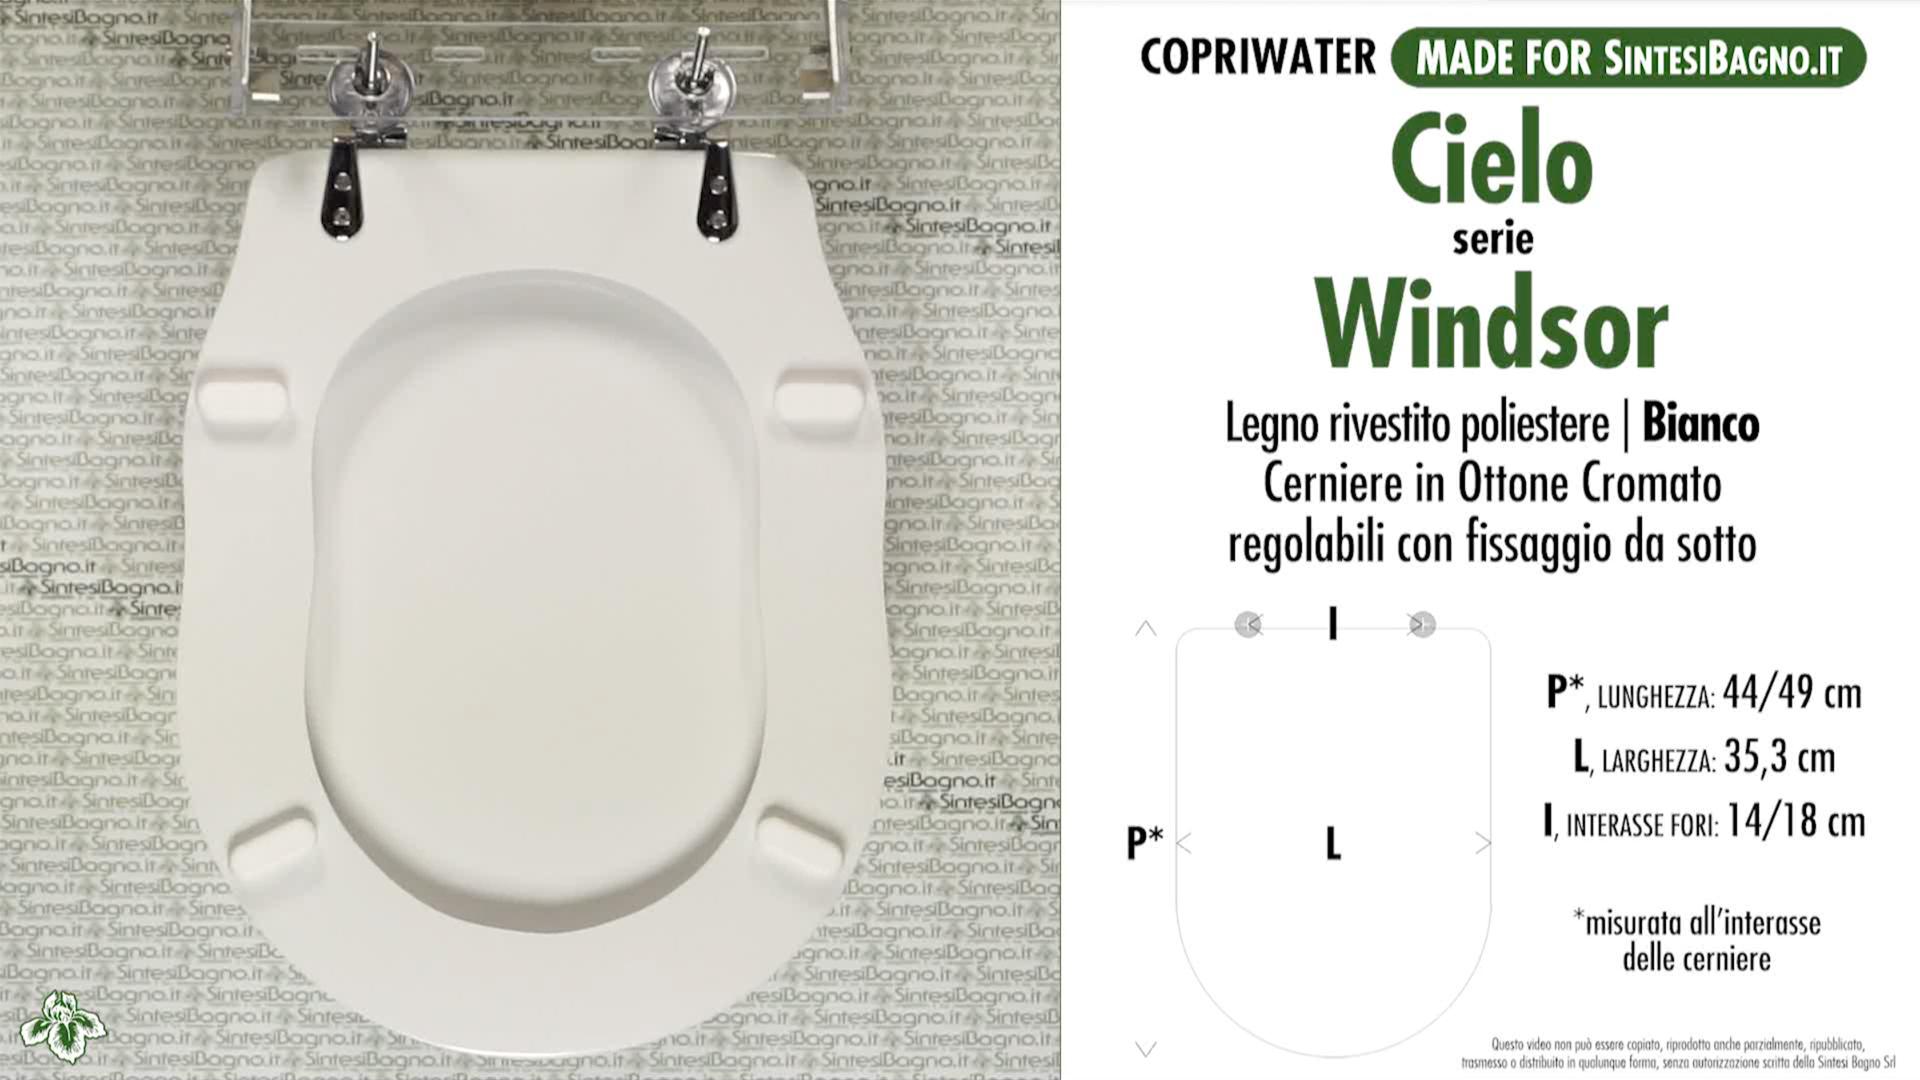 SCHEDA TECNICA MISURE copriwater CIELO WINDSOR